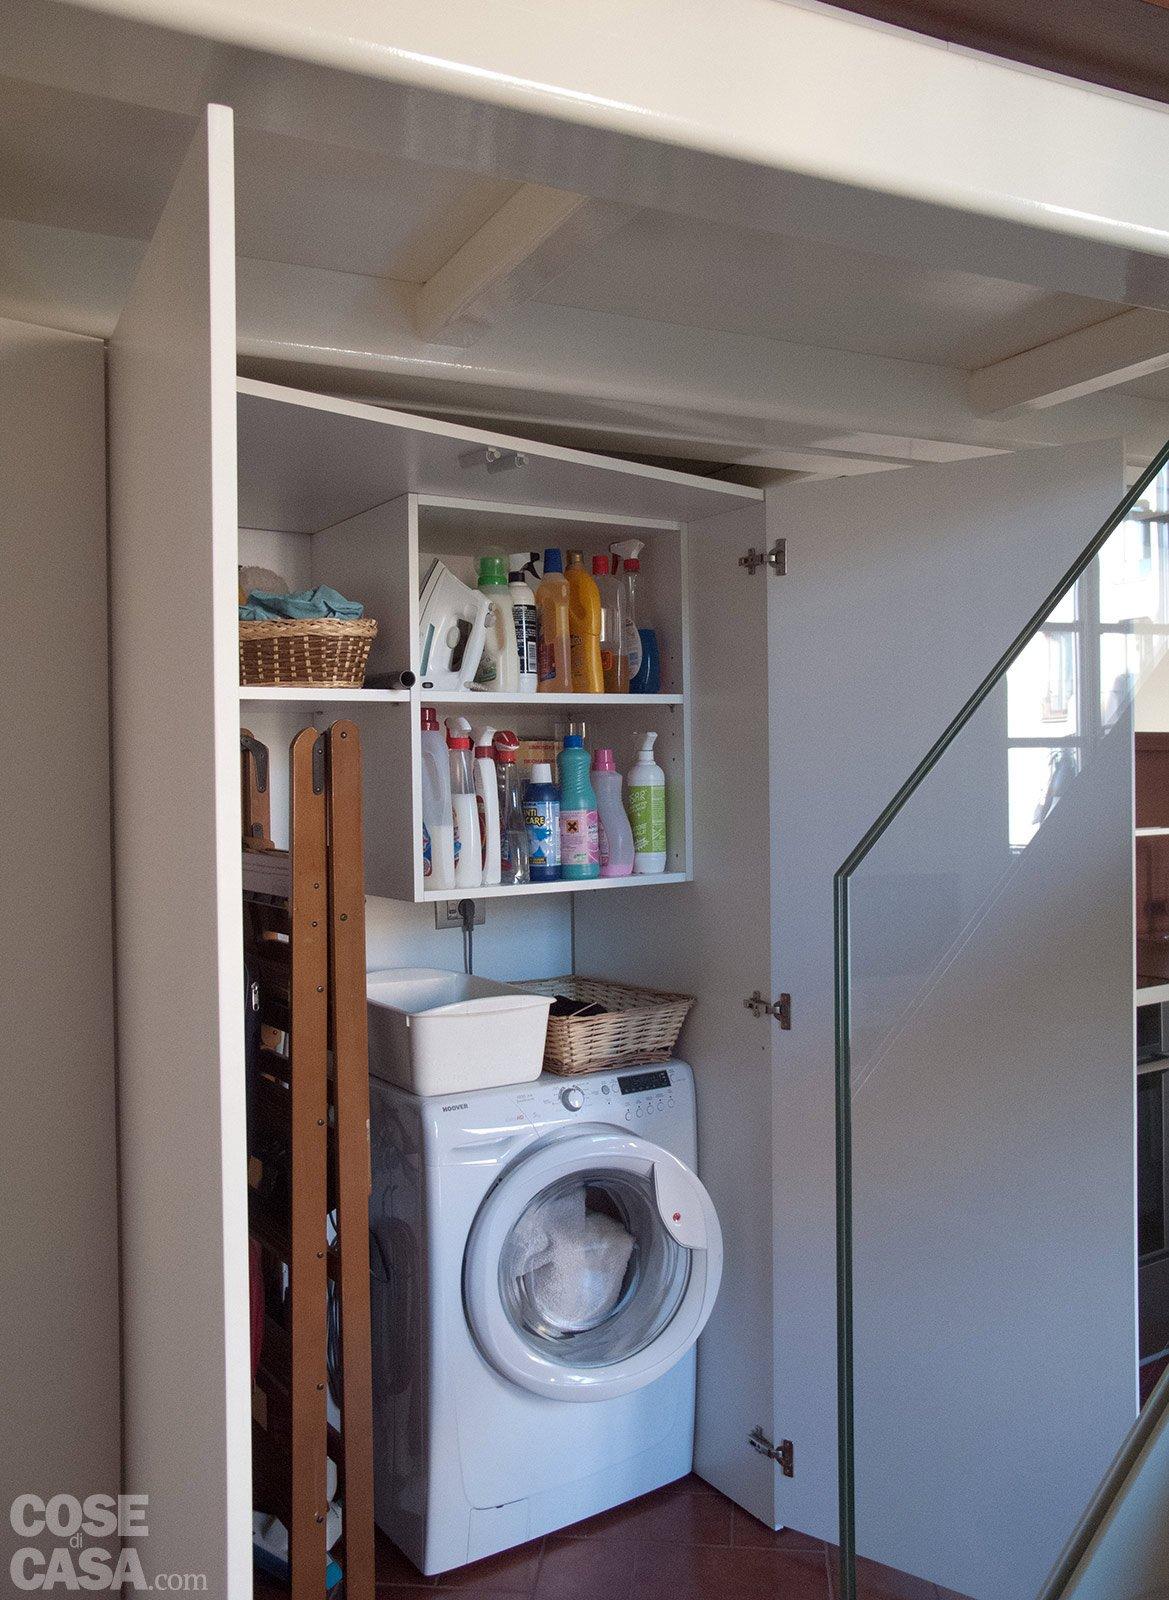 Un monolocale ampliato in altezza cose di casa - Mobili per monolocale ...